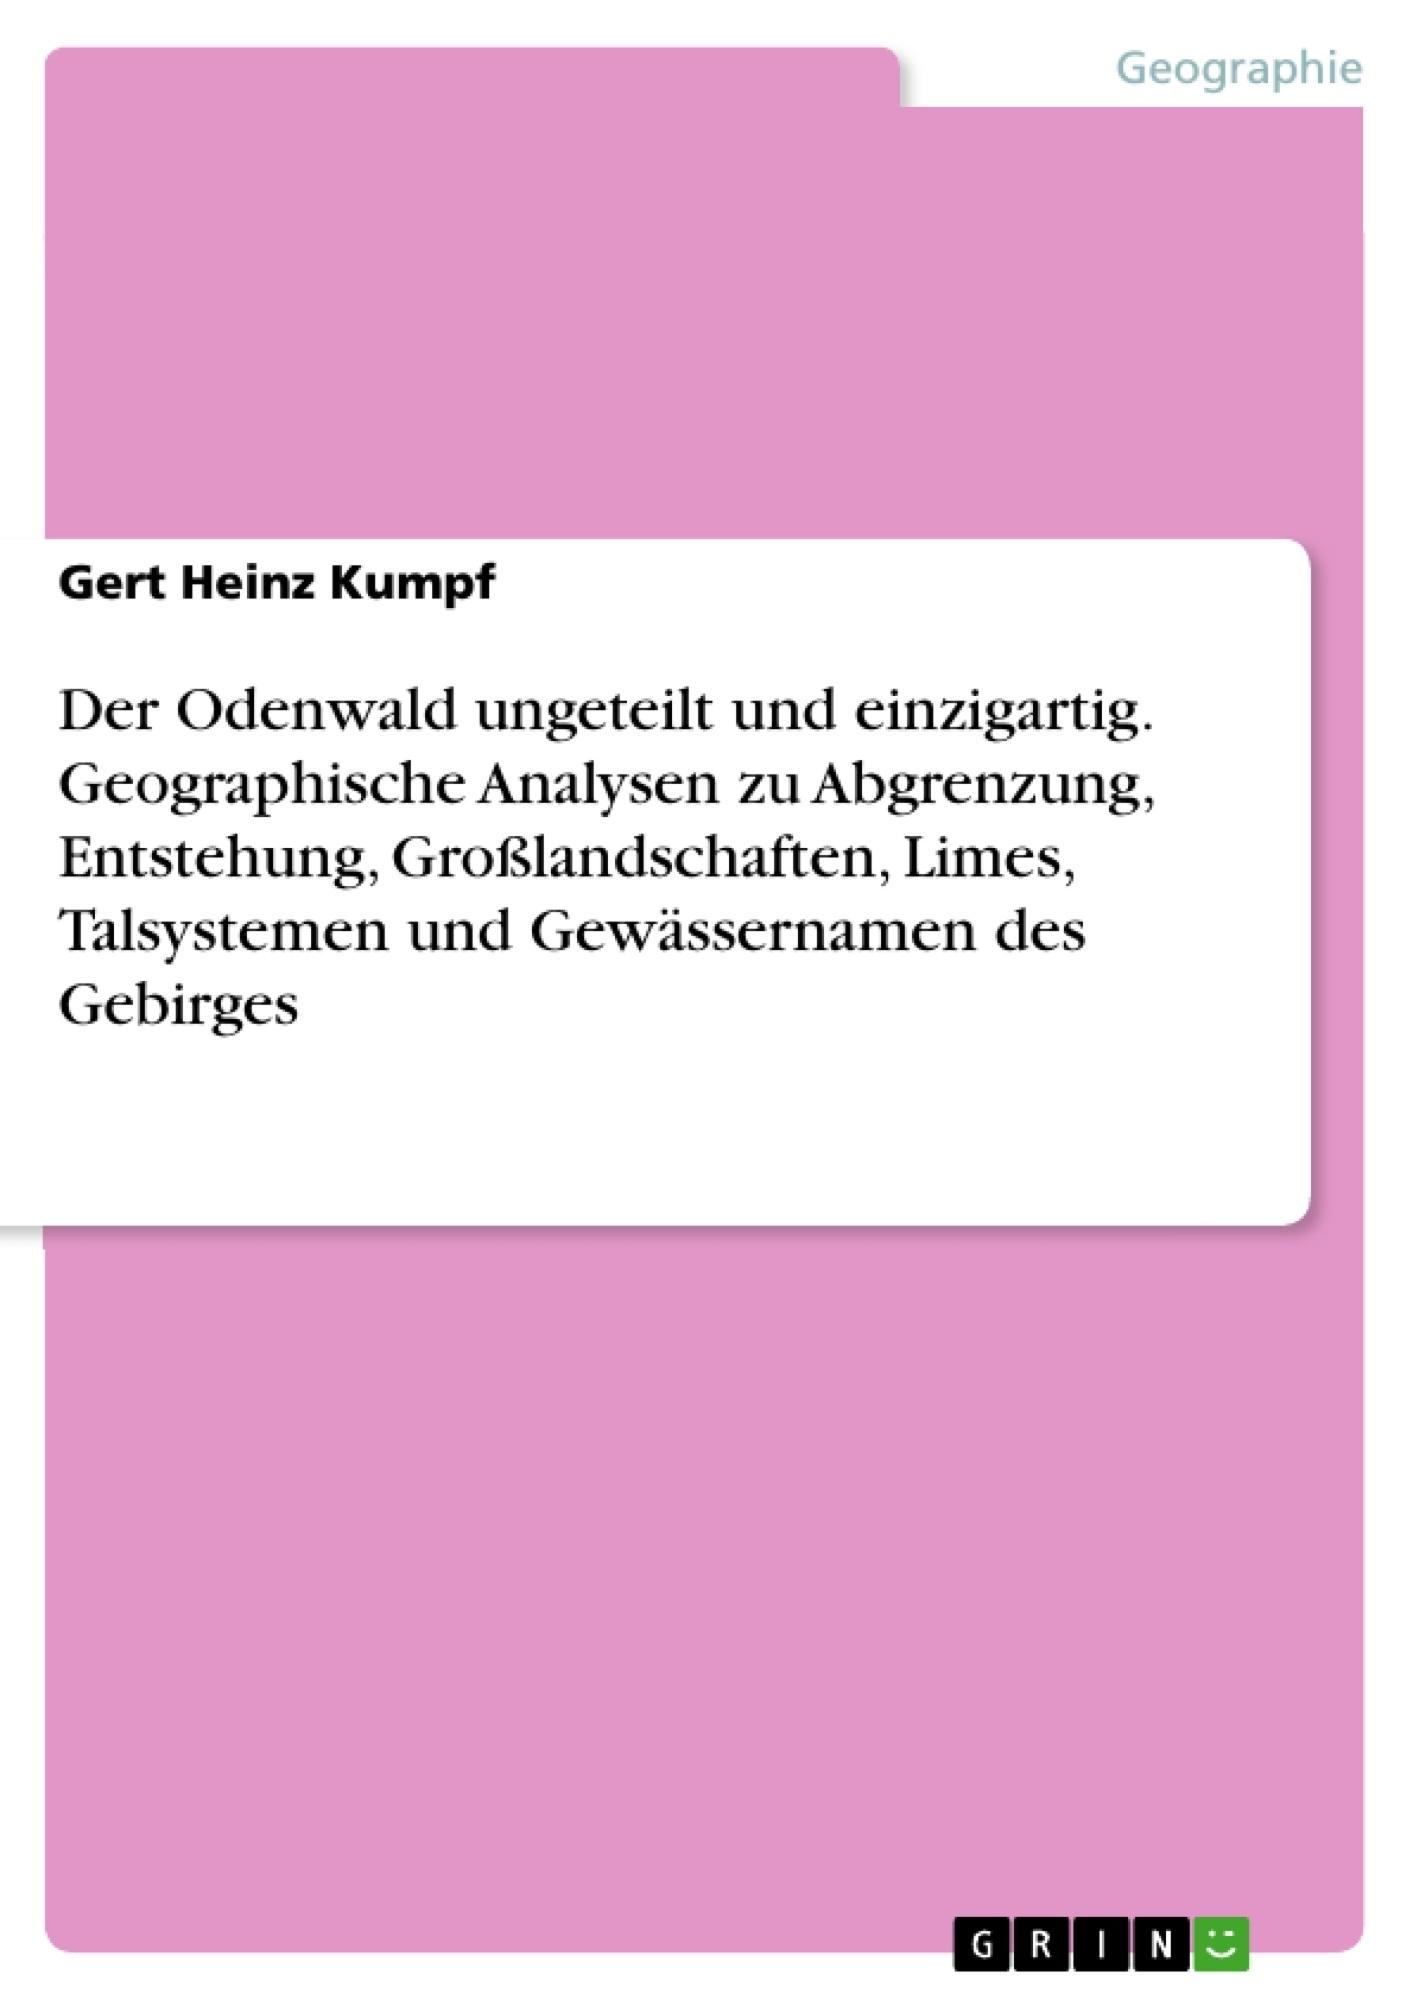 Titel: Der Odenwald ungeteilt und einzigartig. Geographische Analysen zu Abgrenzung, Entstehung, Großlandschaften, Limes, Talsystemen und Gewässernamen des Gebirges